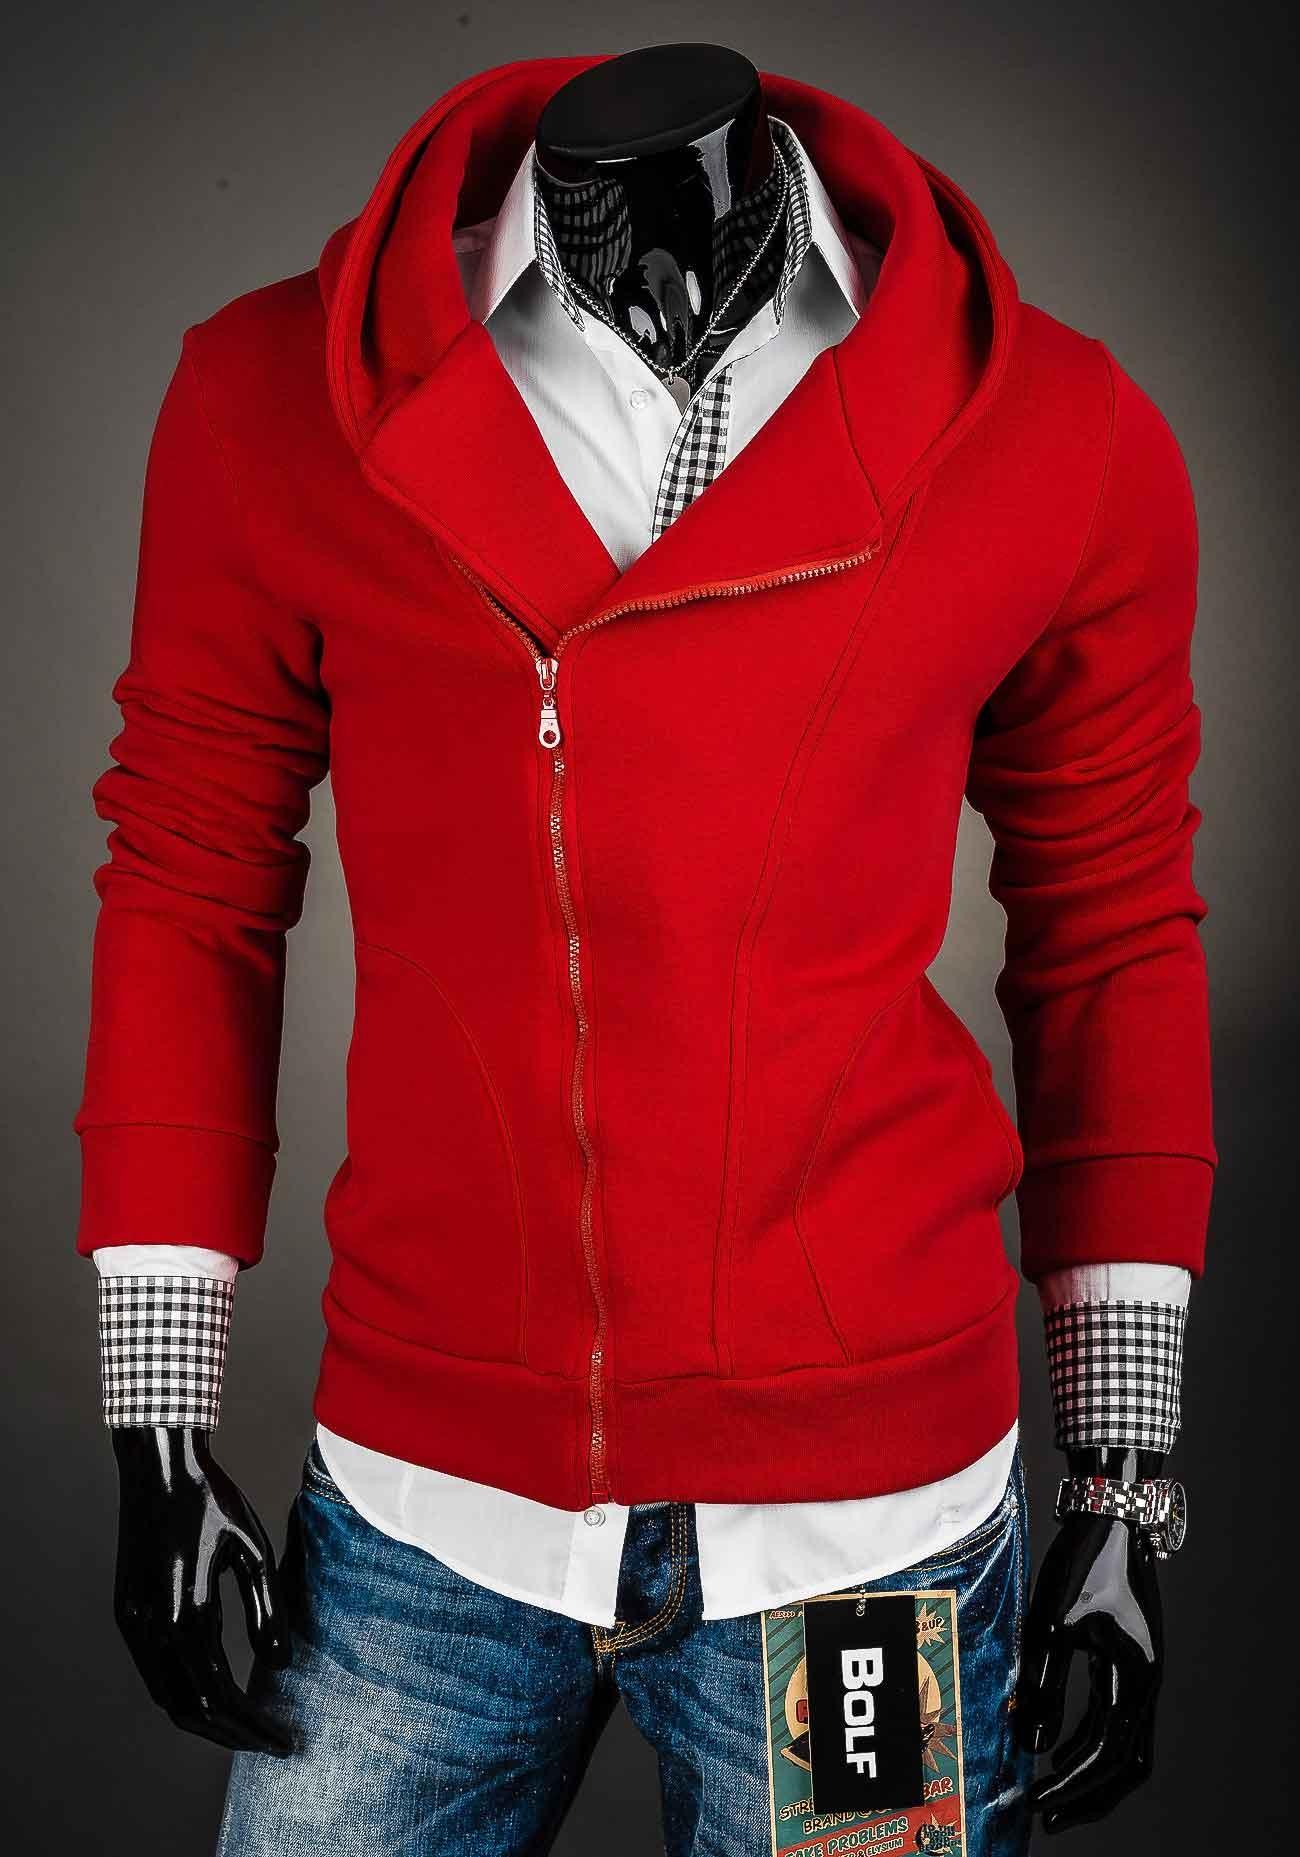 620f9e8f342 Pánská mikina červené s kapucí - kvalitní oblečení - kosile-kvalitni.cz